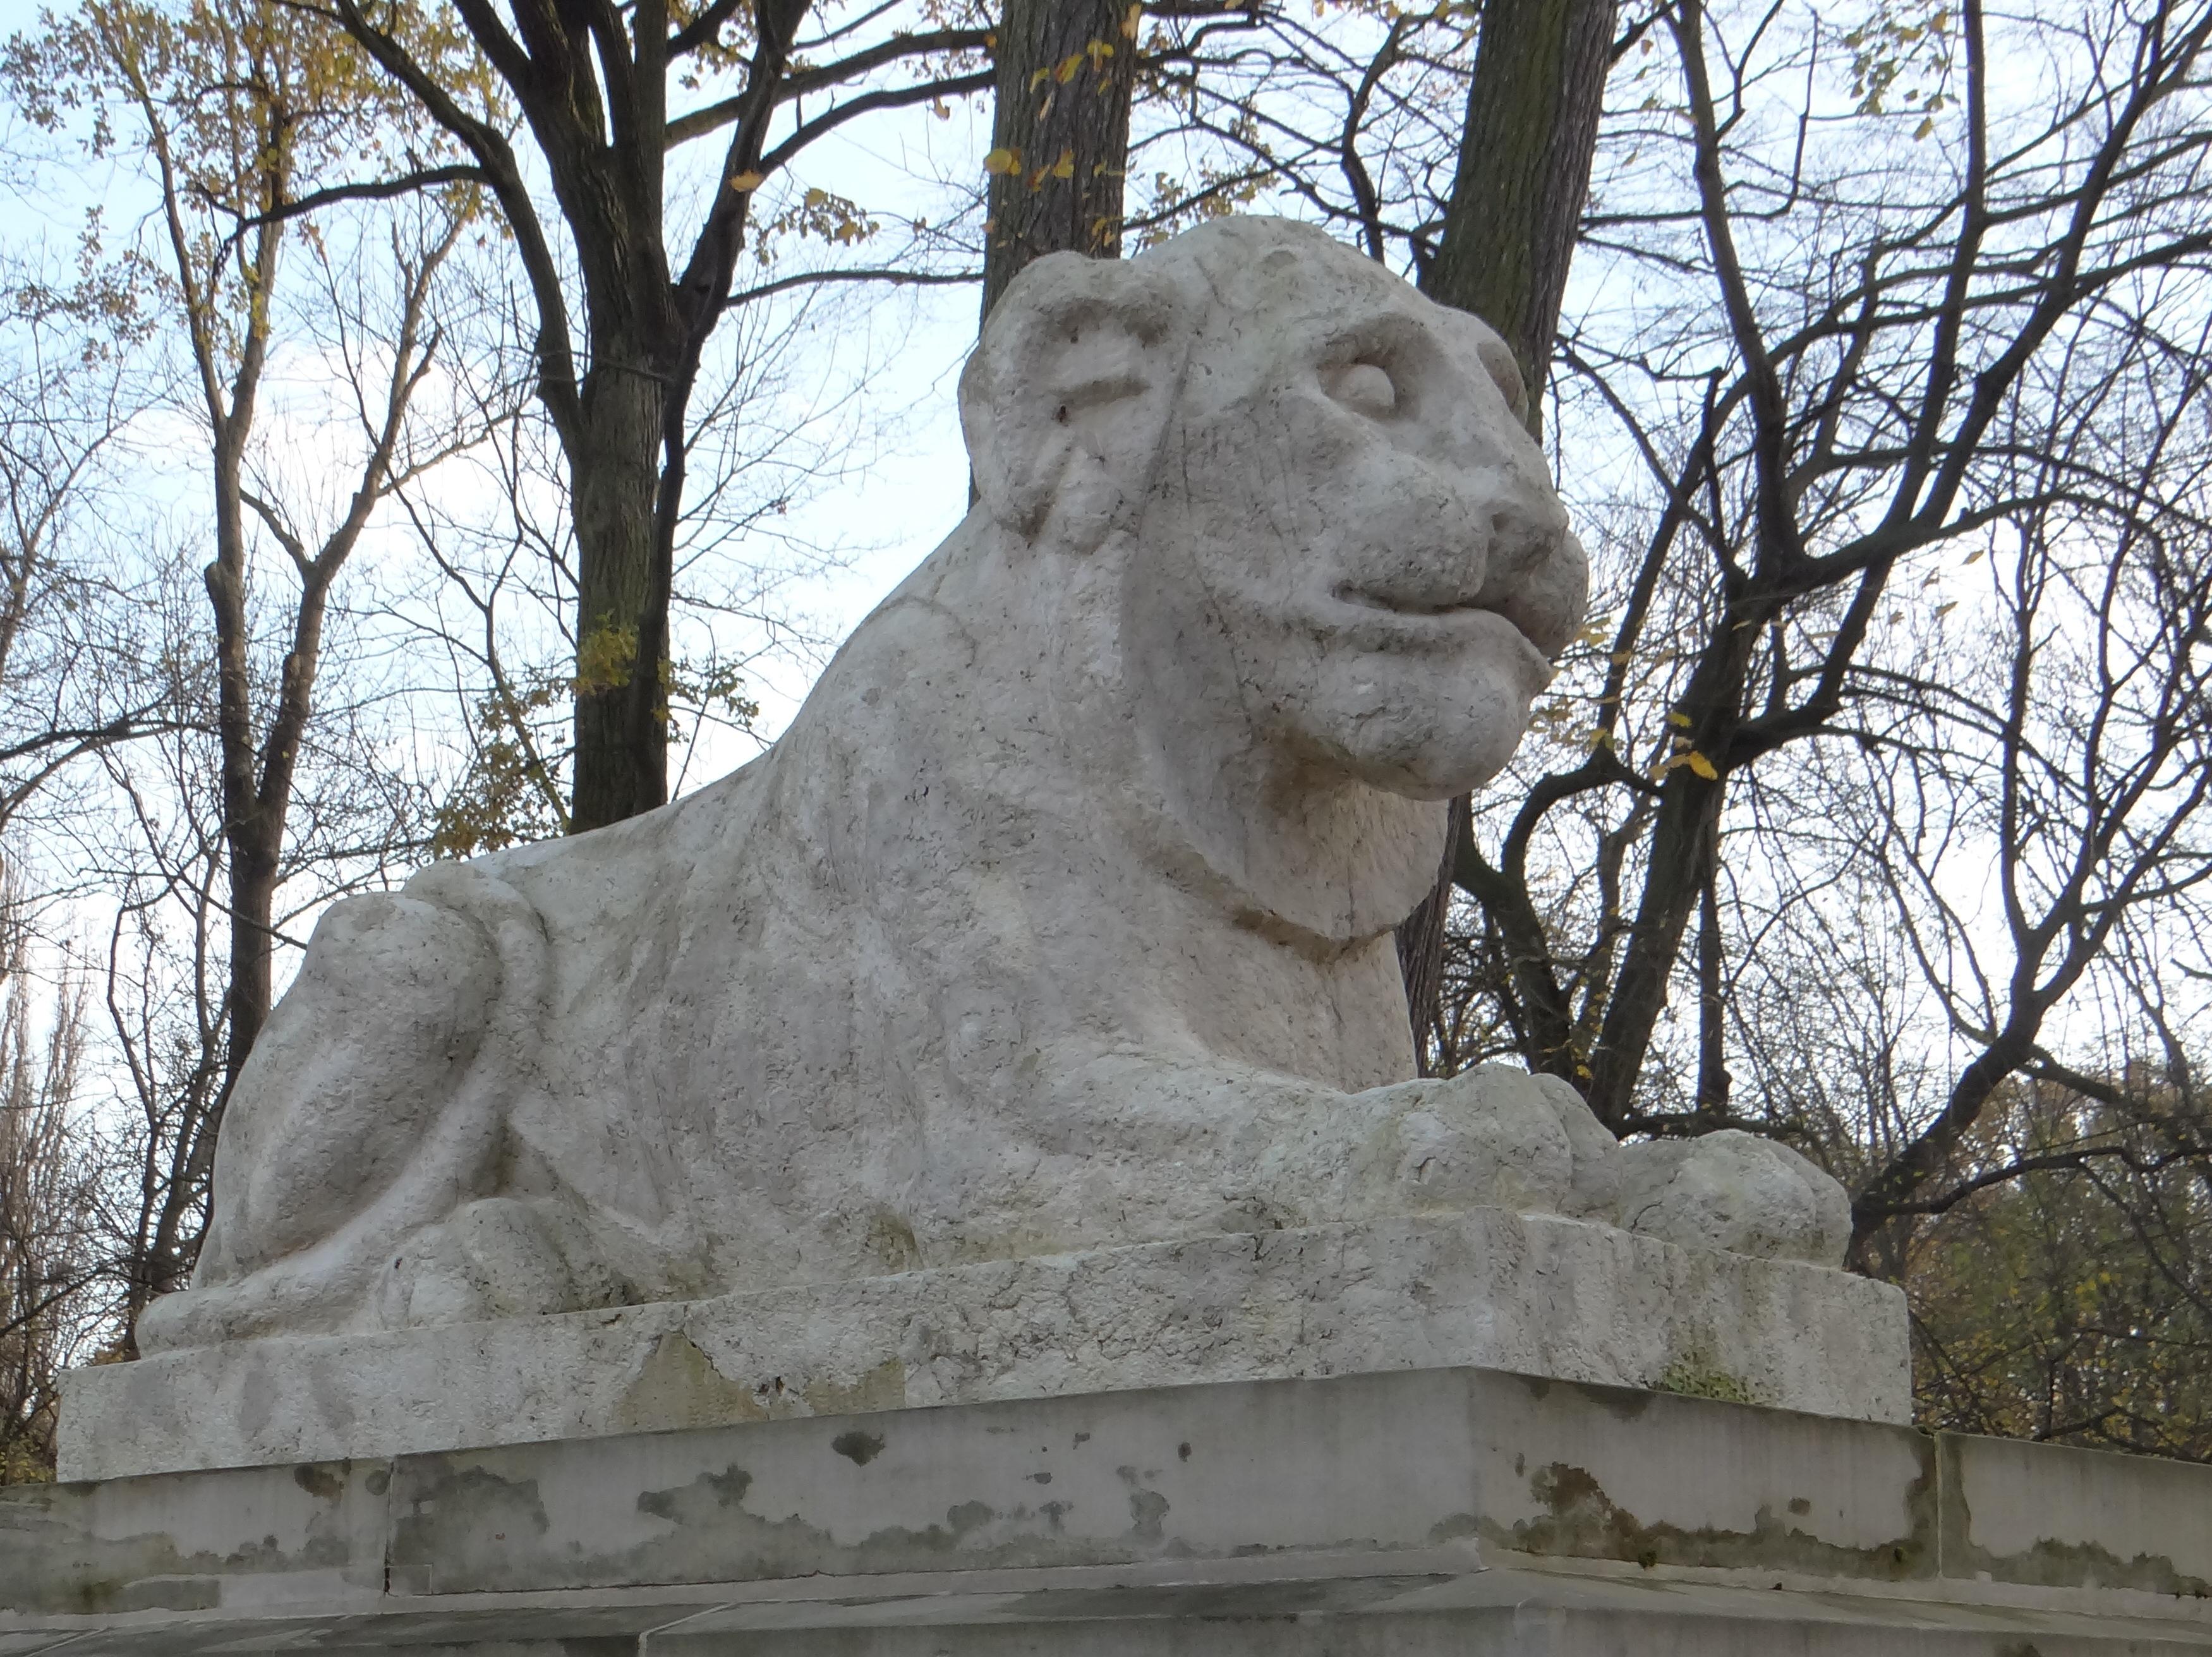 Filełazienki Stara Pomarańczarnia 12jpg Wikimedia